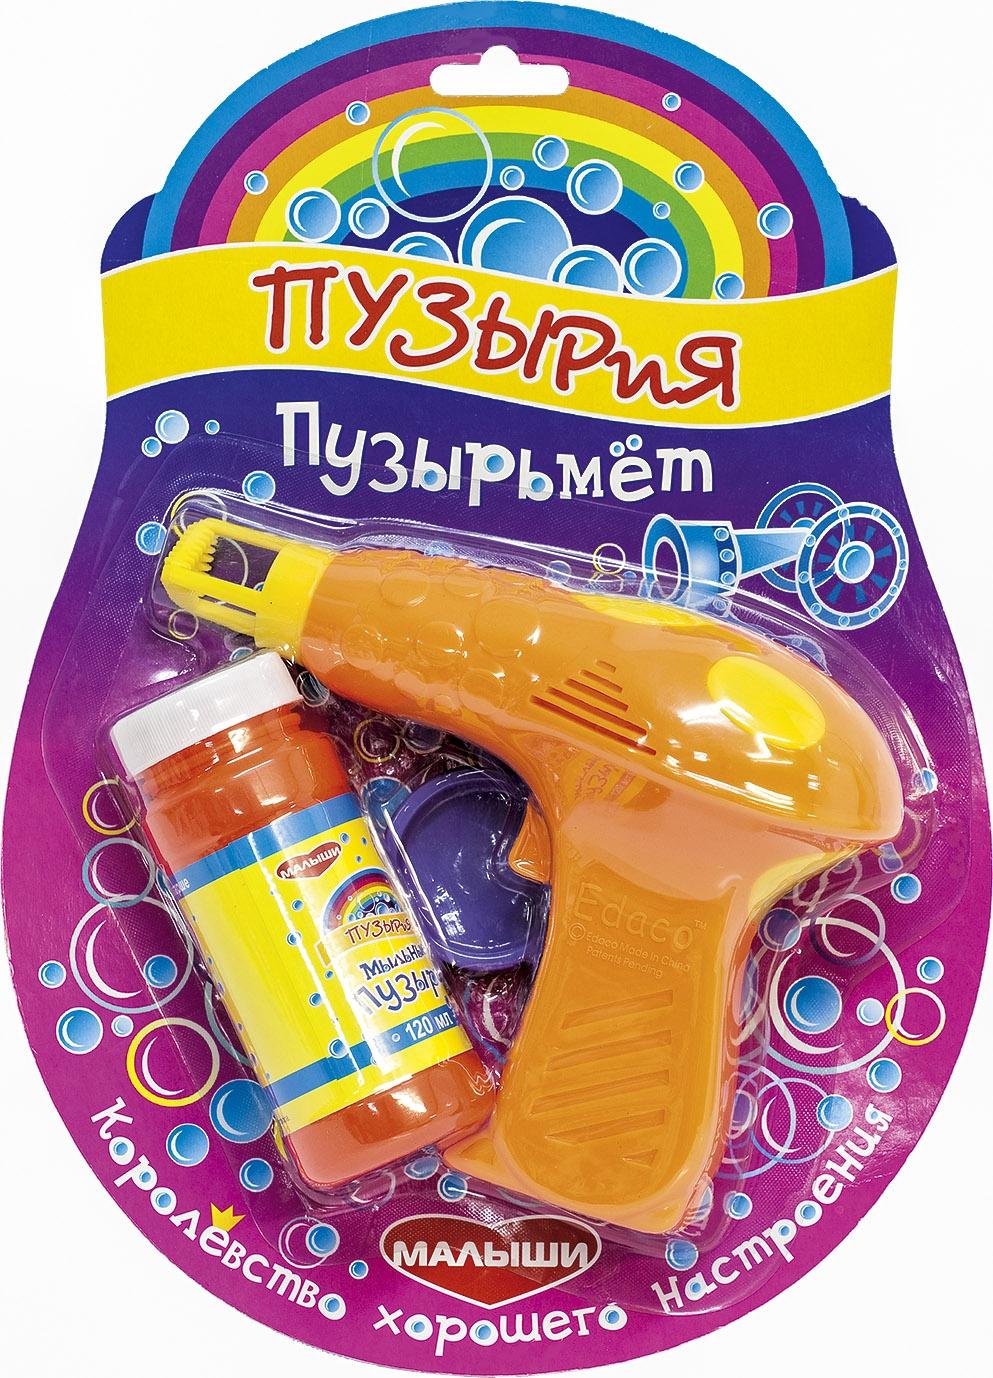 купить Мыльные пузыри BUBBLELAND Пузырьмет по цене 599 рублей